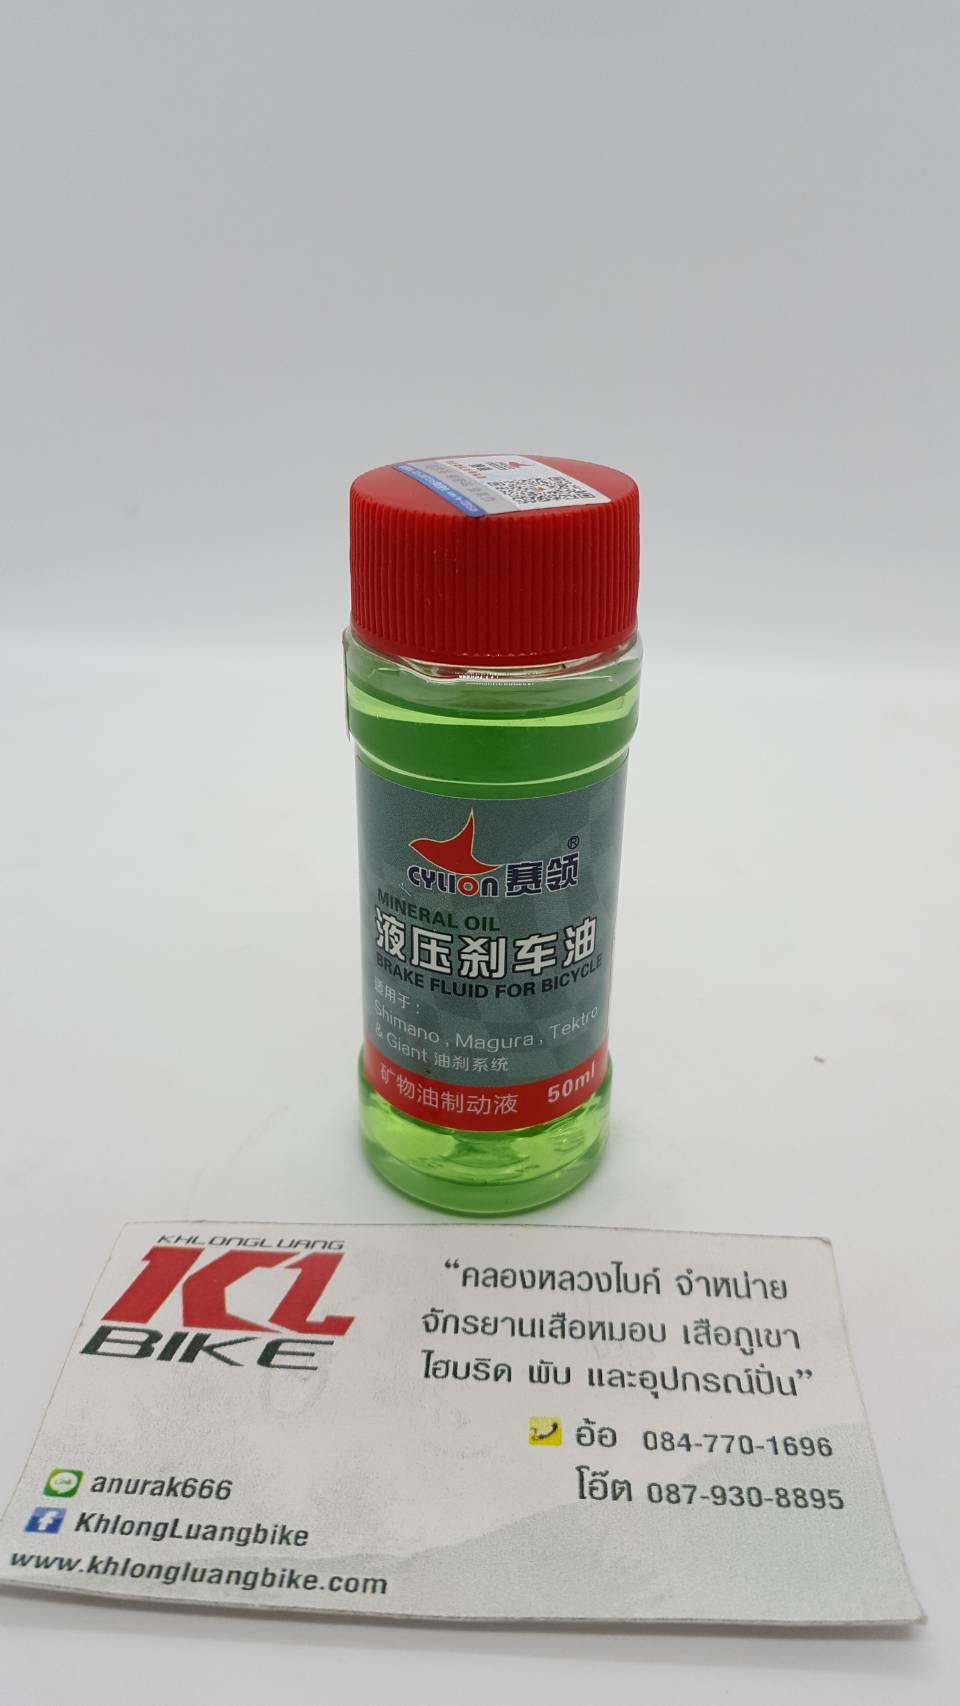 น้ำมันดิสก์เบรค Cylion เกรด Mineral Oil สำหรับดิสก์น้ำมัน Shimano Tektro Giant และอื่นๆ